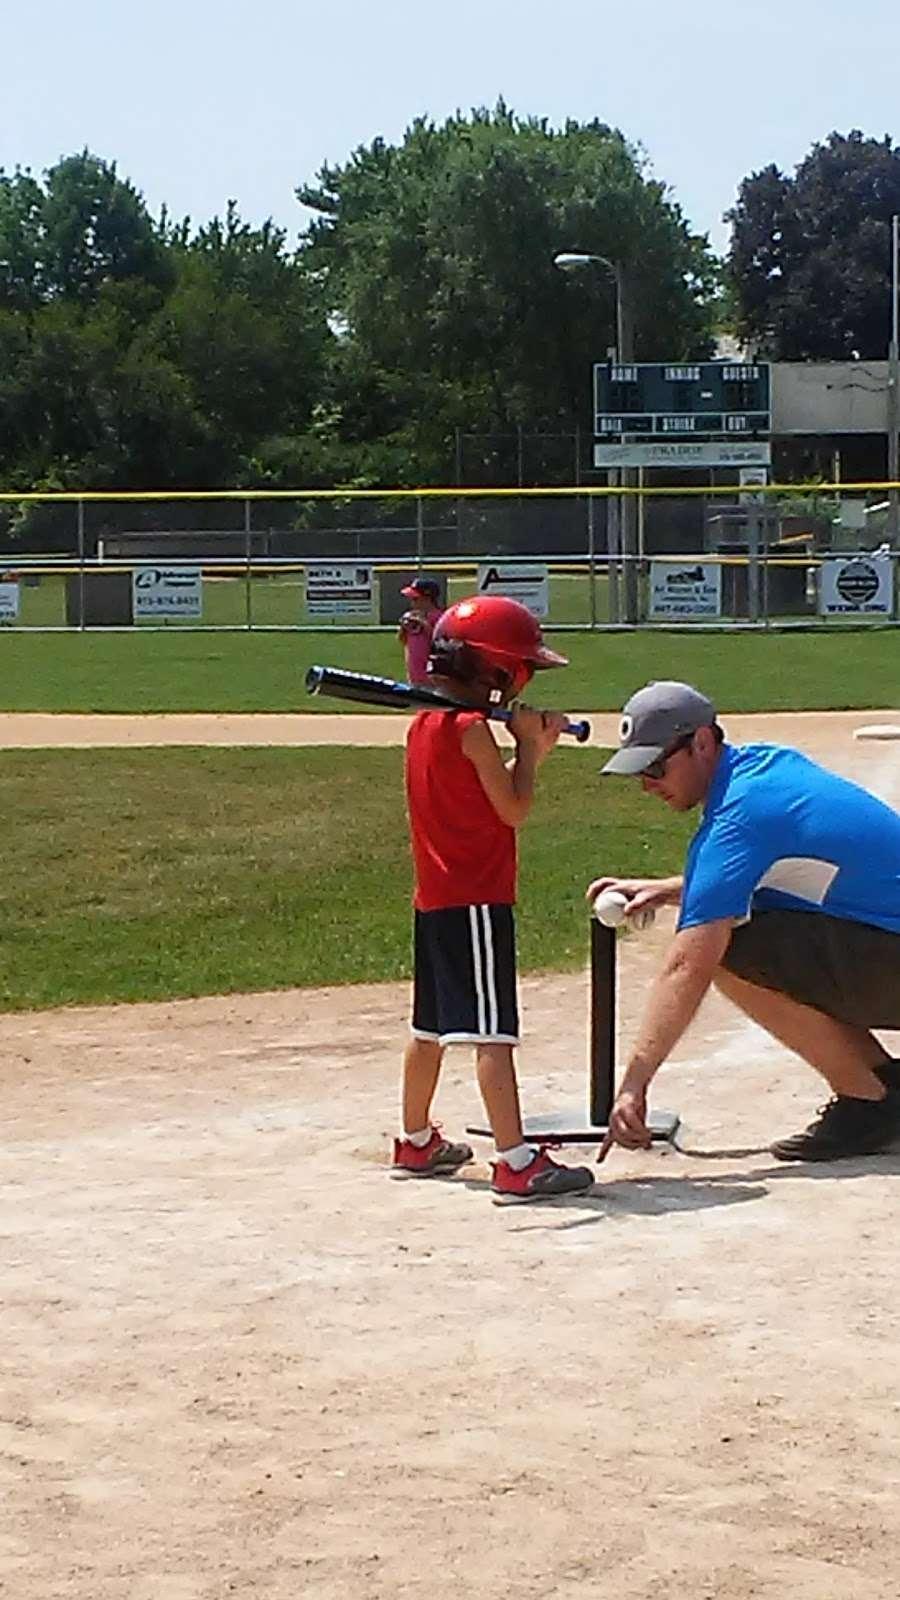 Sponable Little League Park - park    Photo 4 of 7   Address: 137 N Sponable St, Marengo, IL 60152, USA